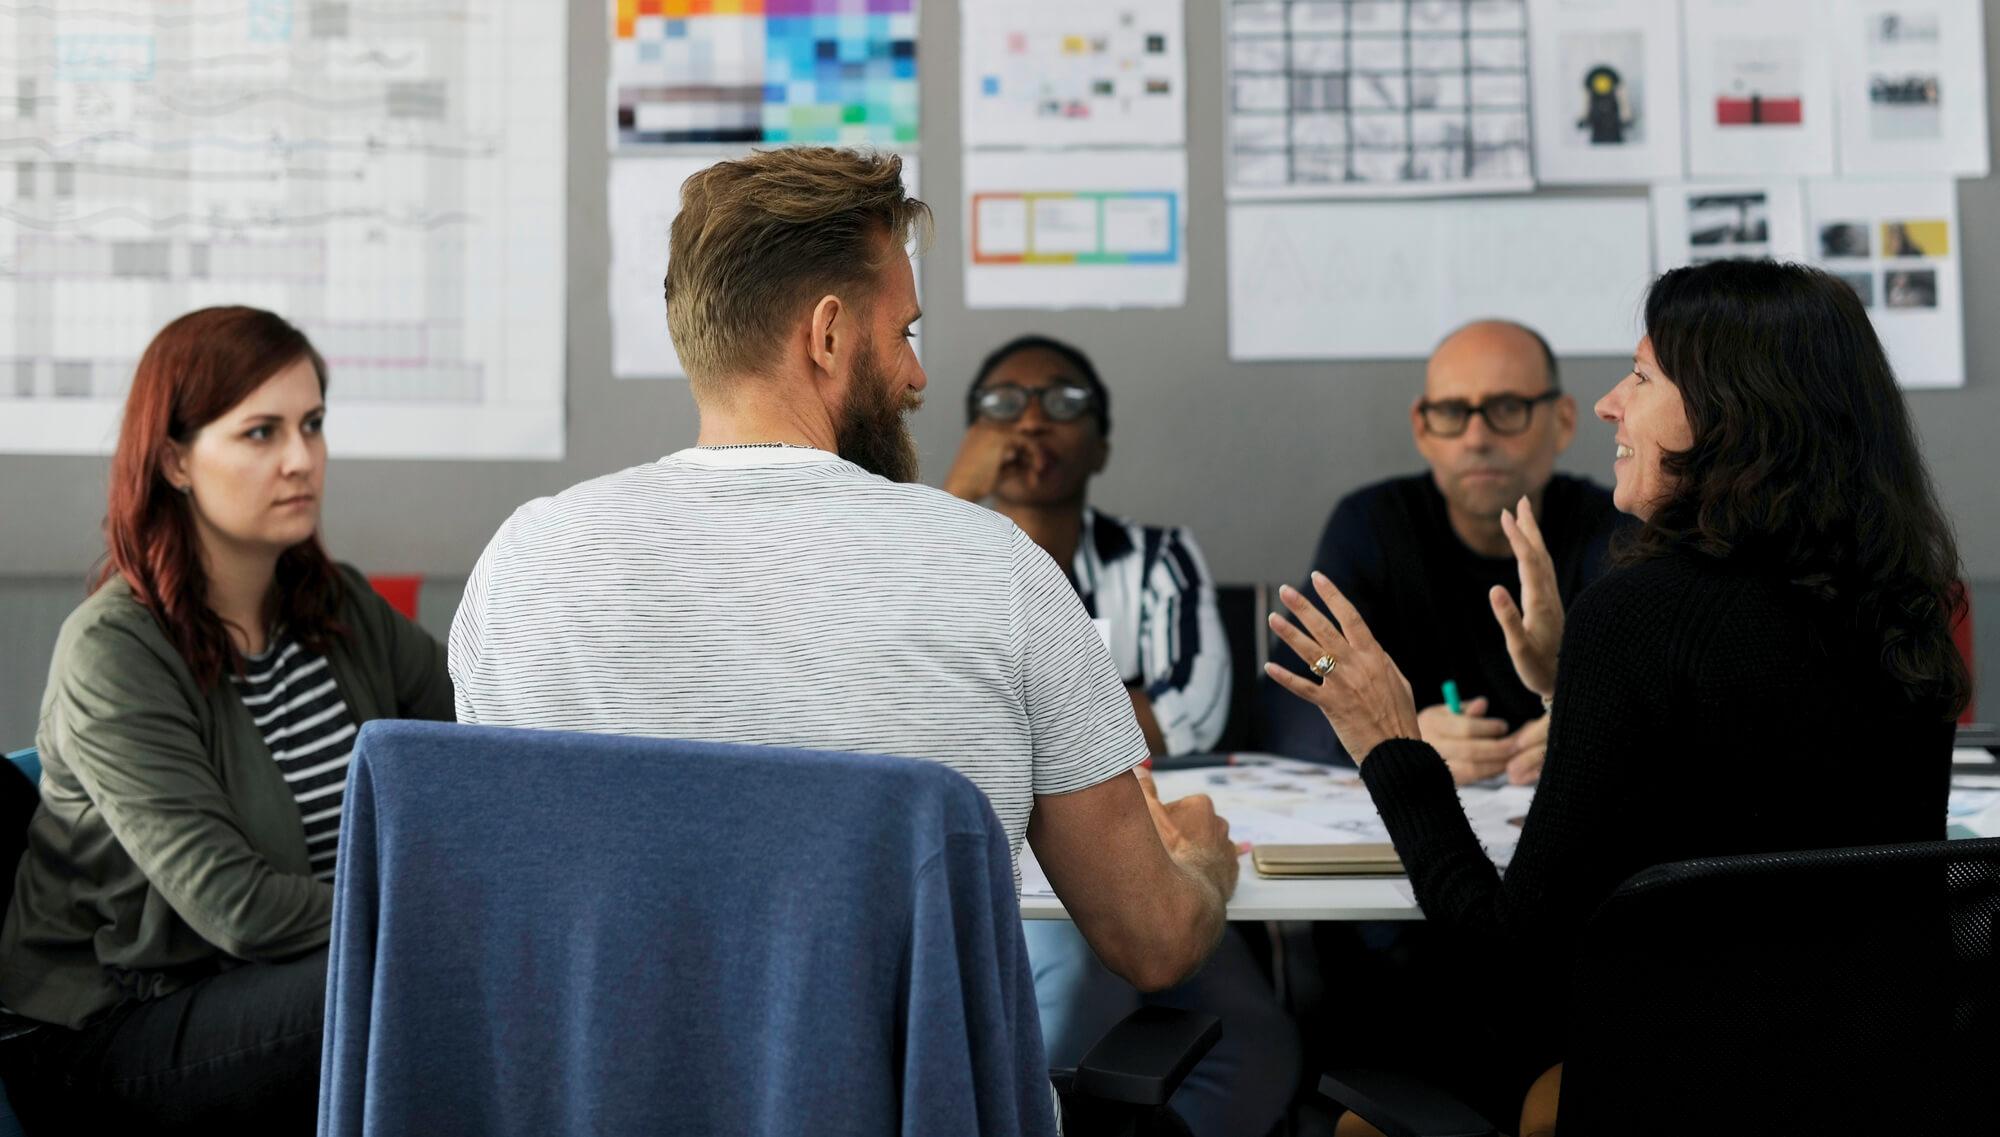 4-dicas-para-fazer-uma-gestao-de-tempo-assertiva-no-trabalho